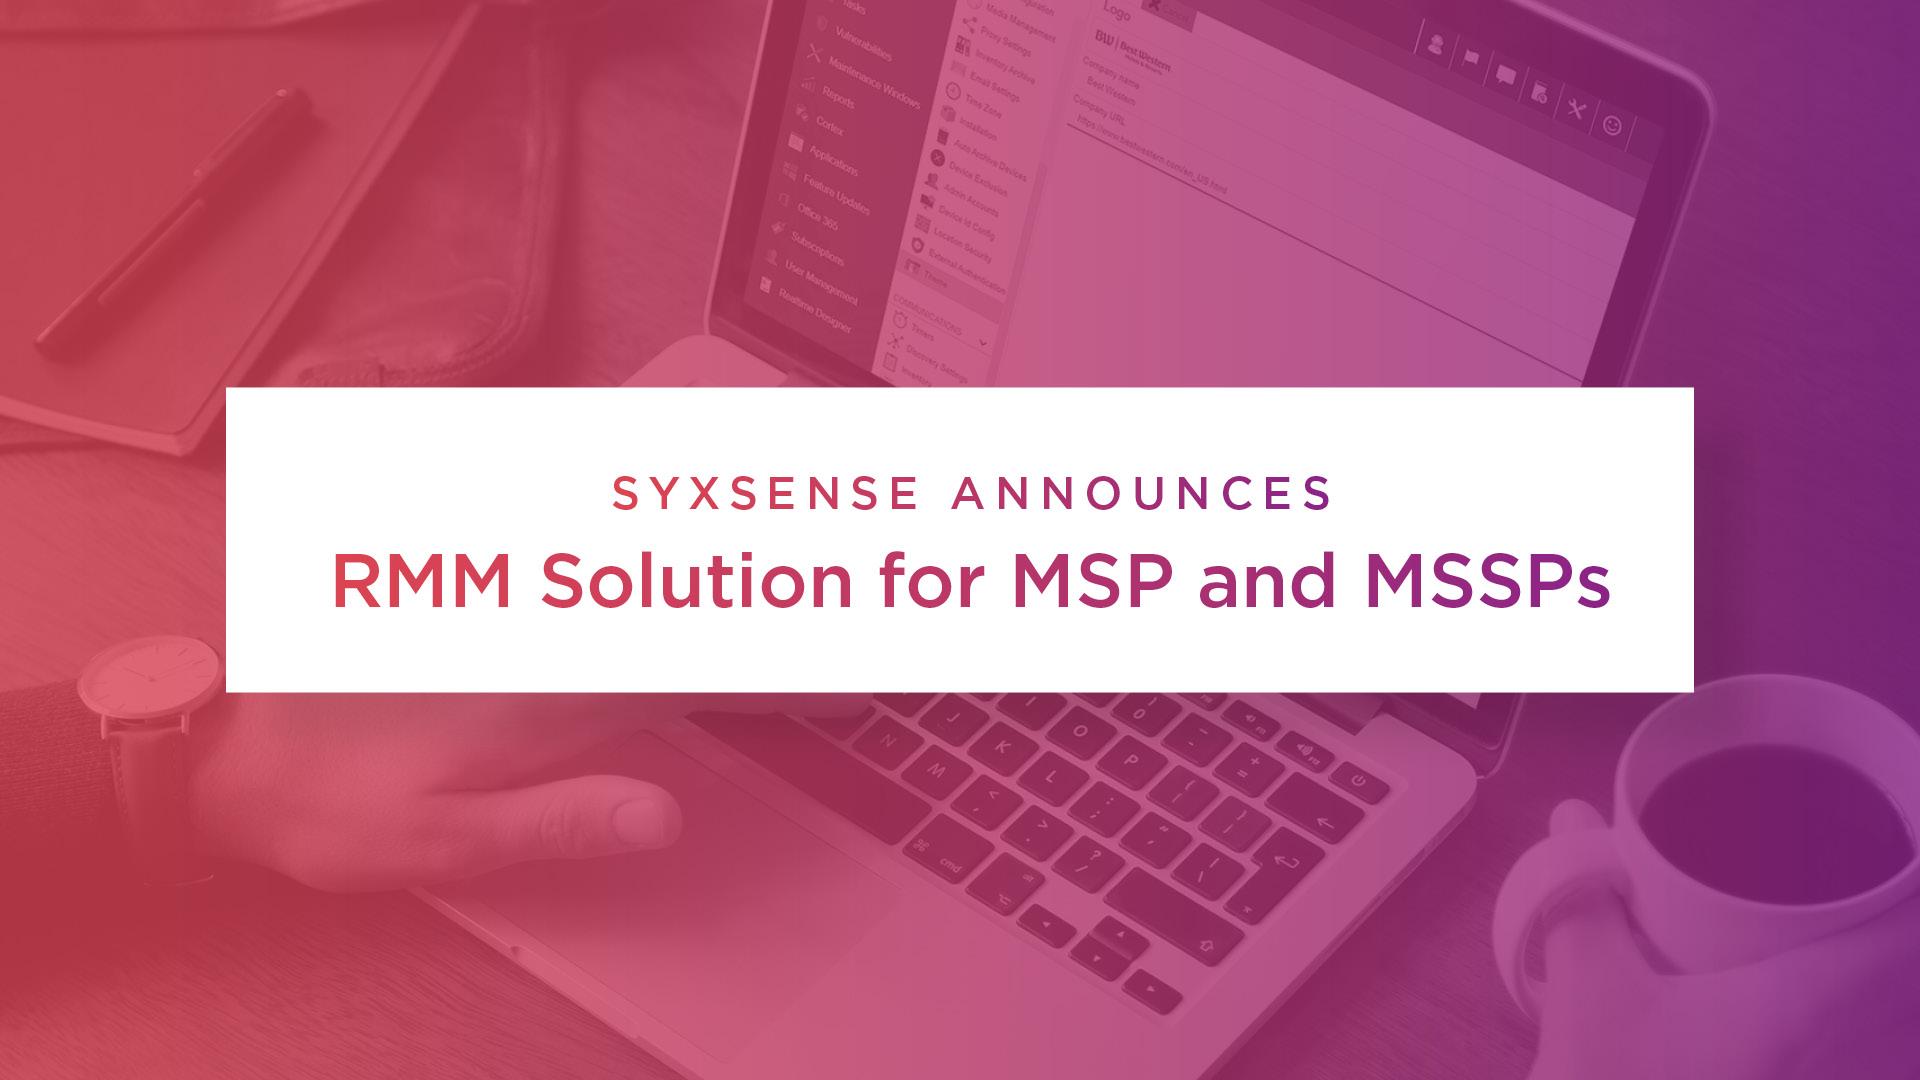 Syxsense Announces RMM Solution